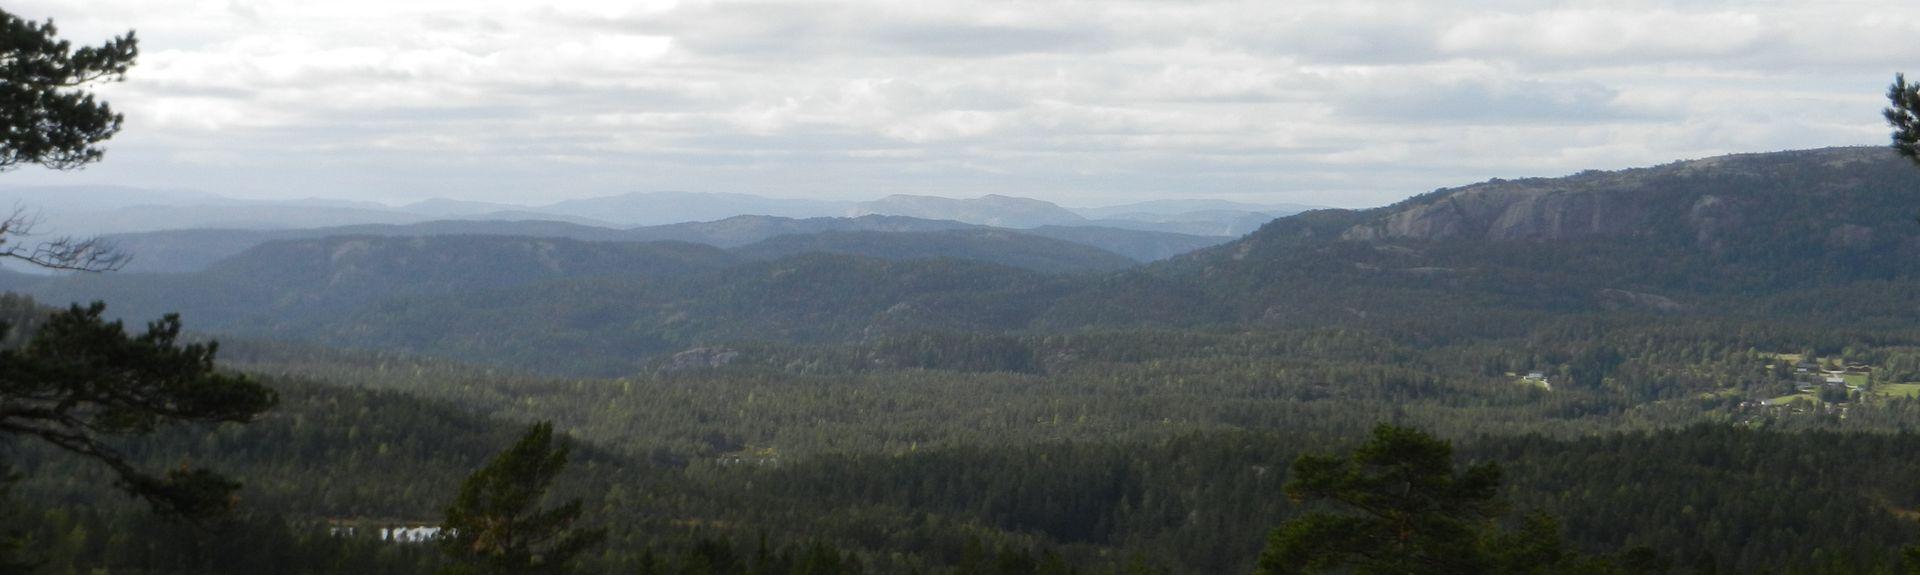 Treungen, Norway